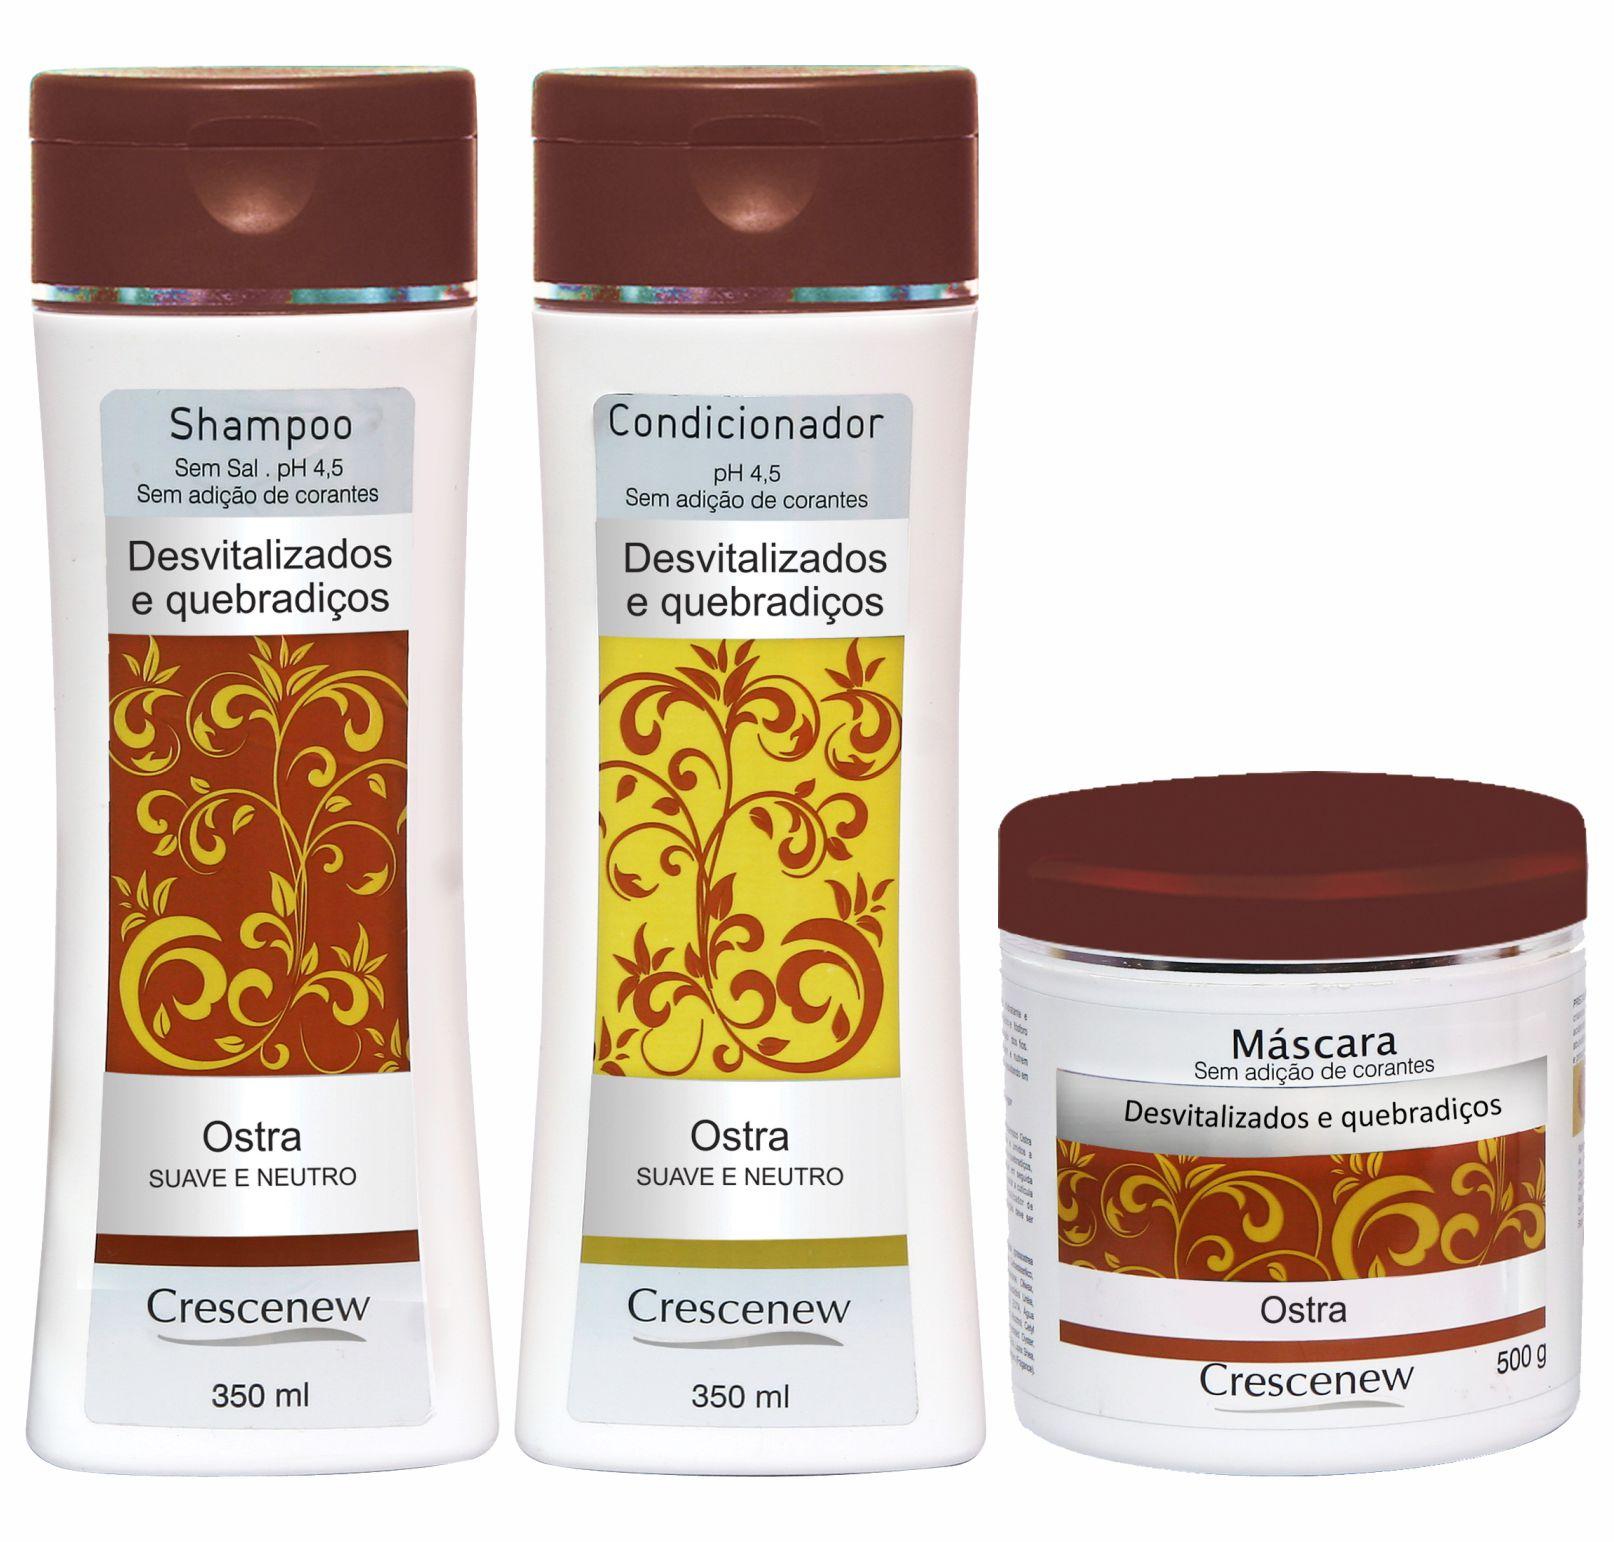 Shampoo, condicionador capilar e máscara de hidratação coquetel de ostras